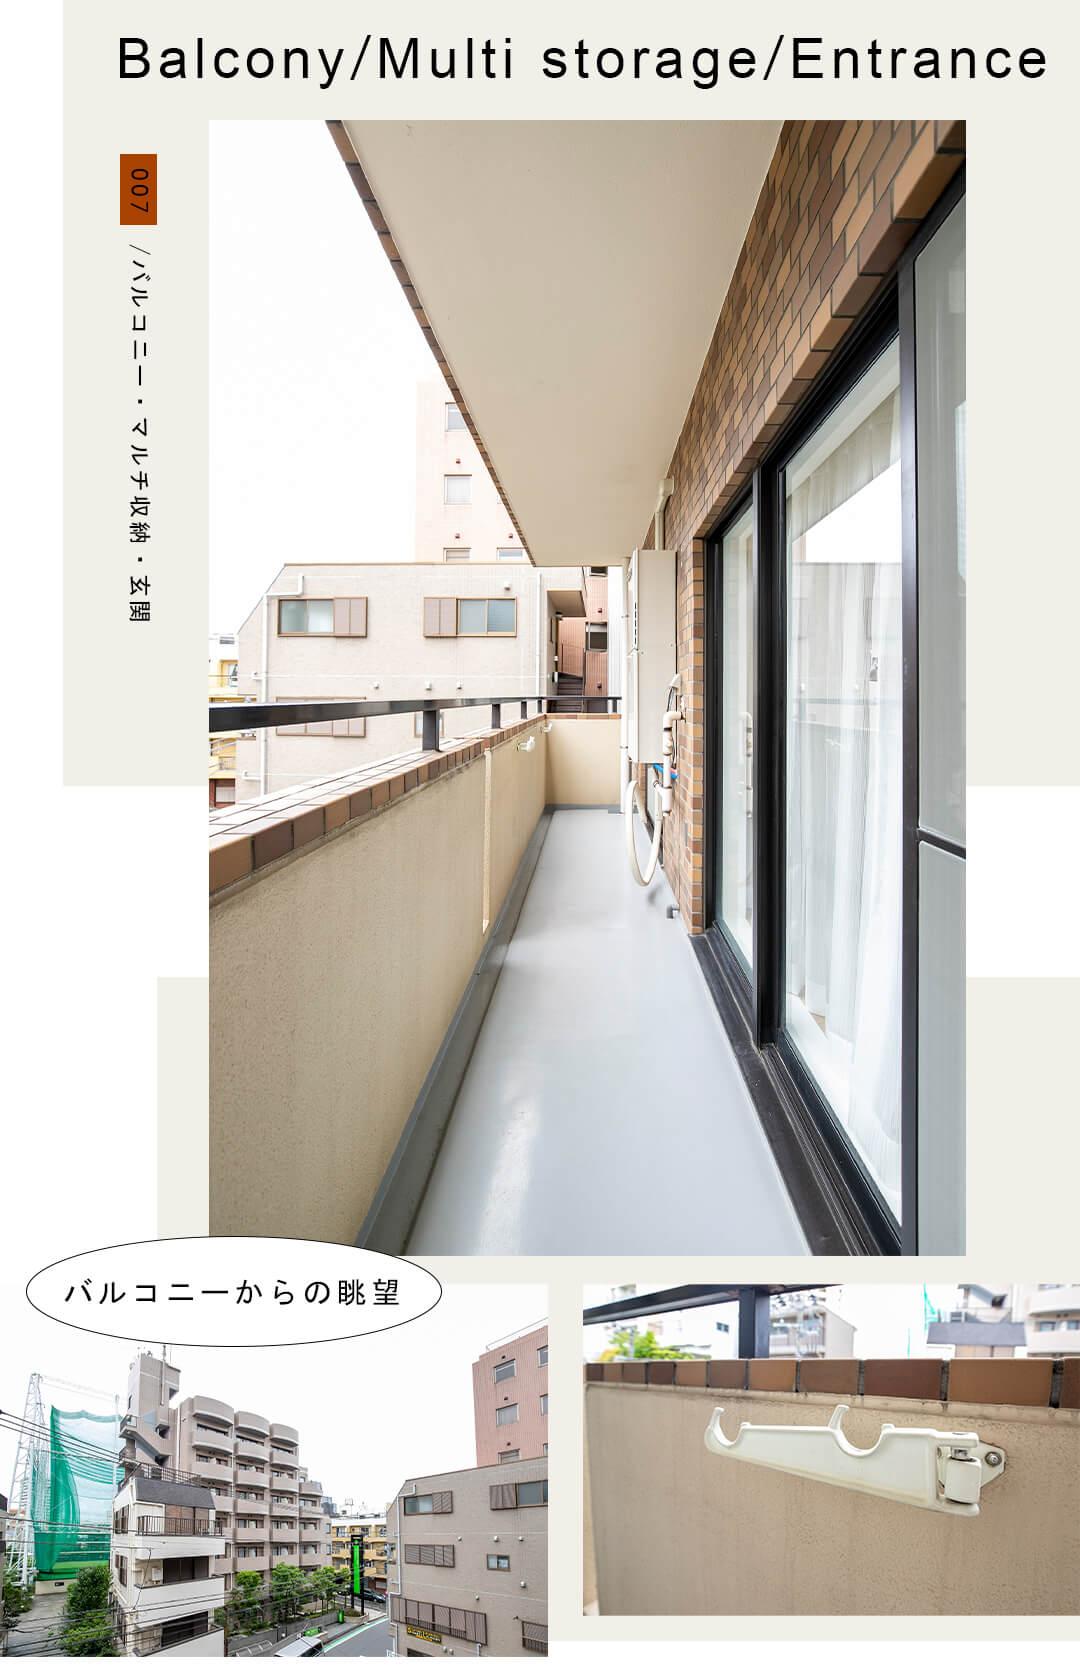 007バルコニー,マルチ収納,玄関,Balcony,multistorage,Entrance